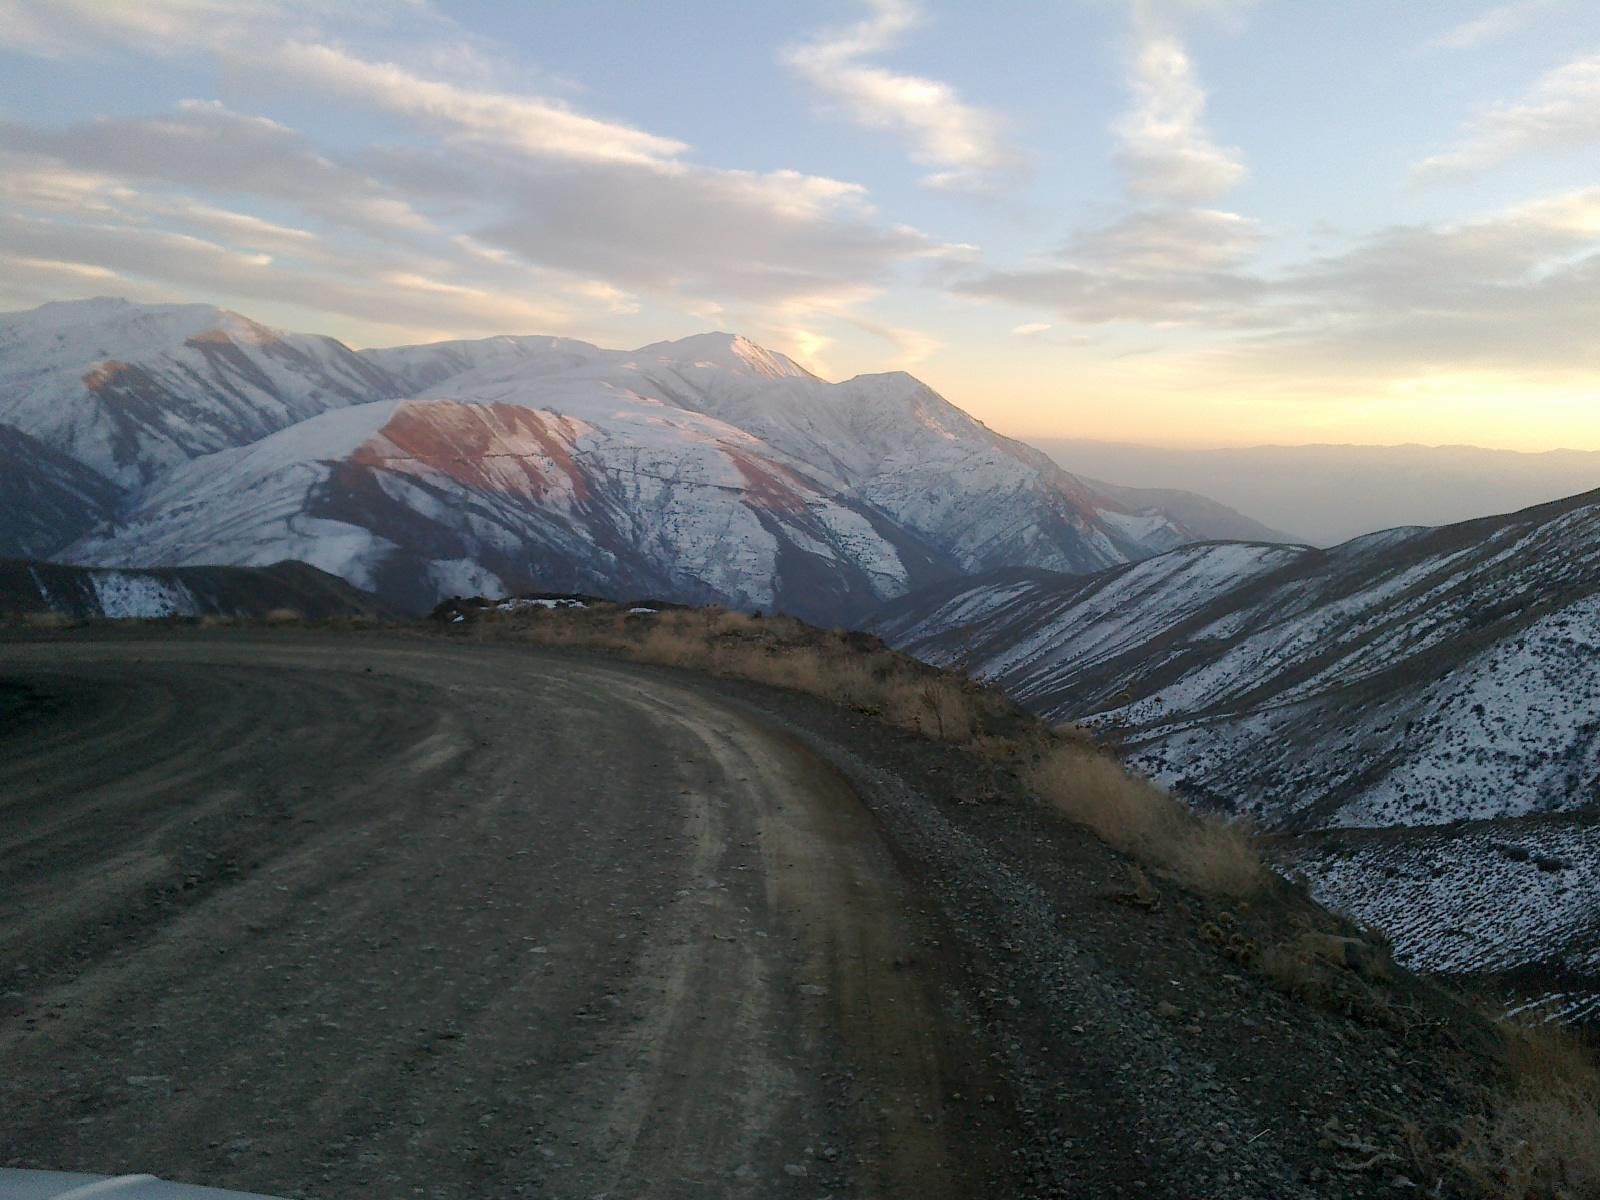 جاده روستای تیـــــــــــــــل  30 آذر1390